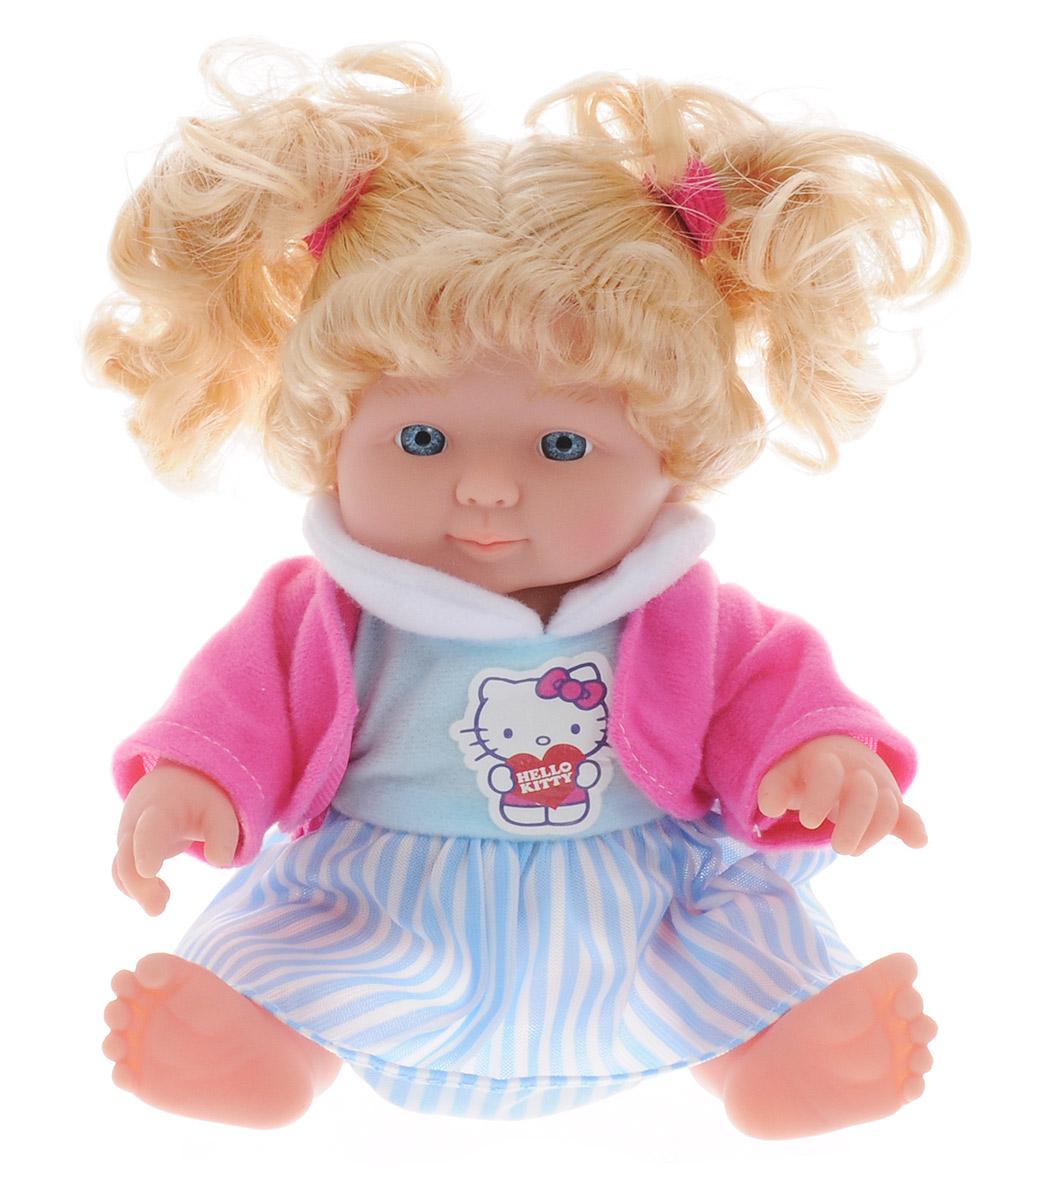 Карапуз Пупс озвученный Нello Кitty в полосатой юбке цвет голубой розовый белый